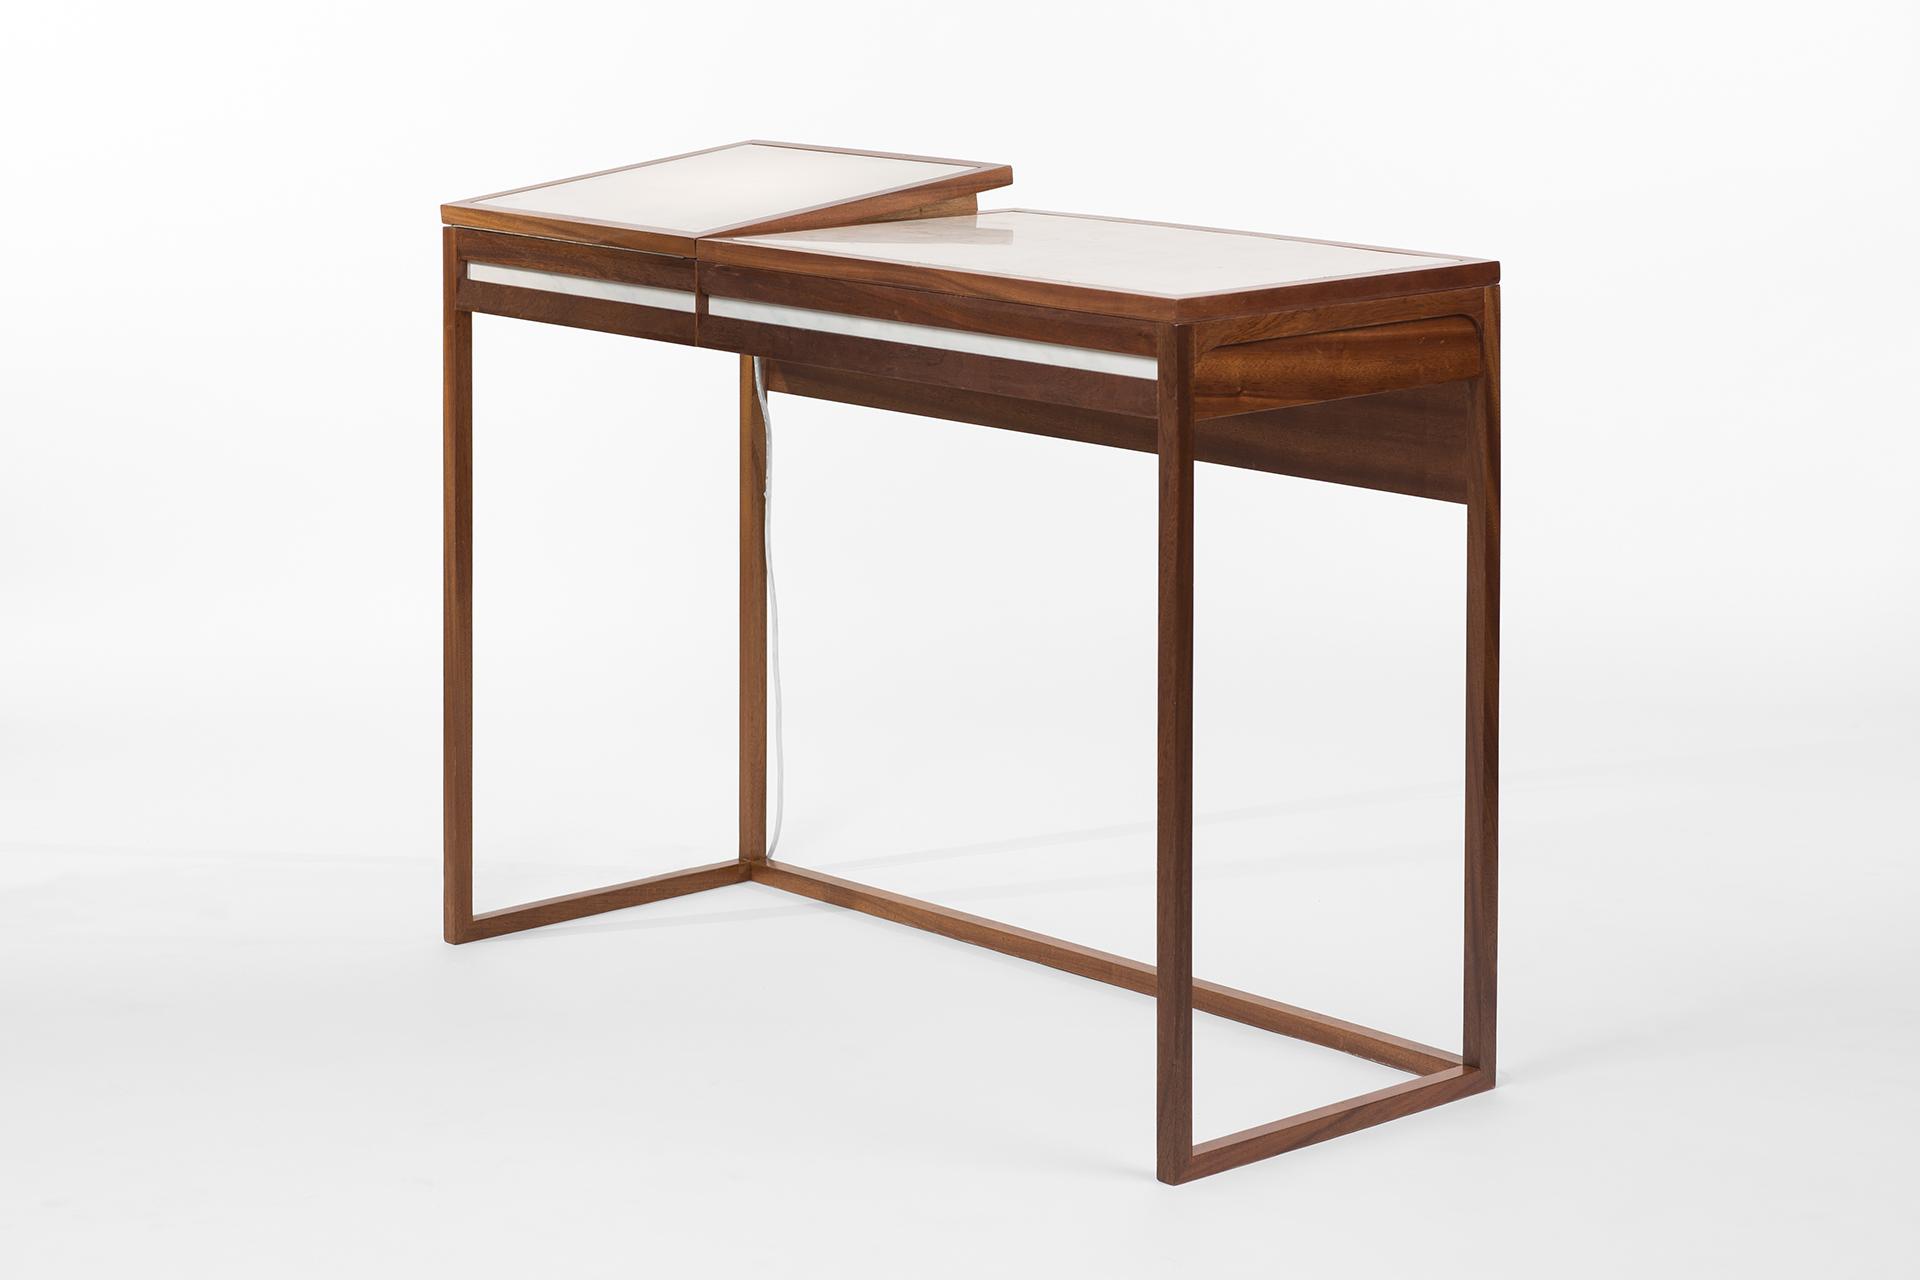 drafting_table_0001s_0001_9624.jpg